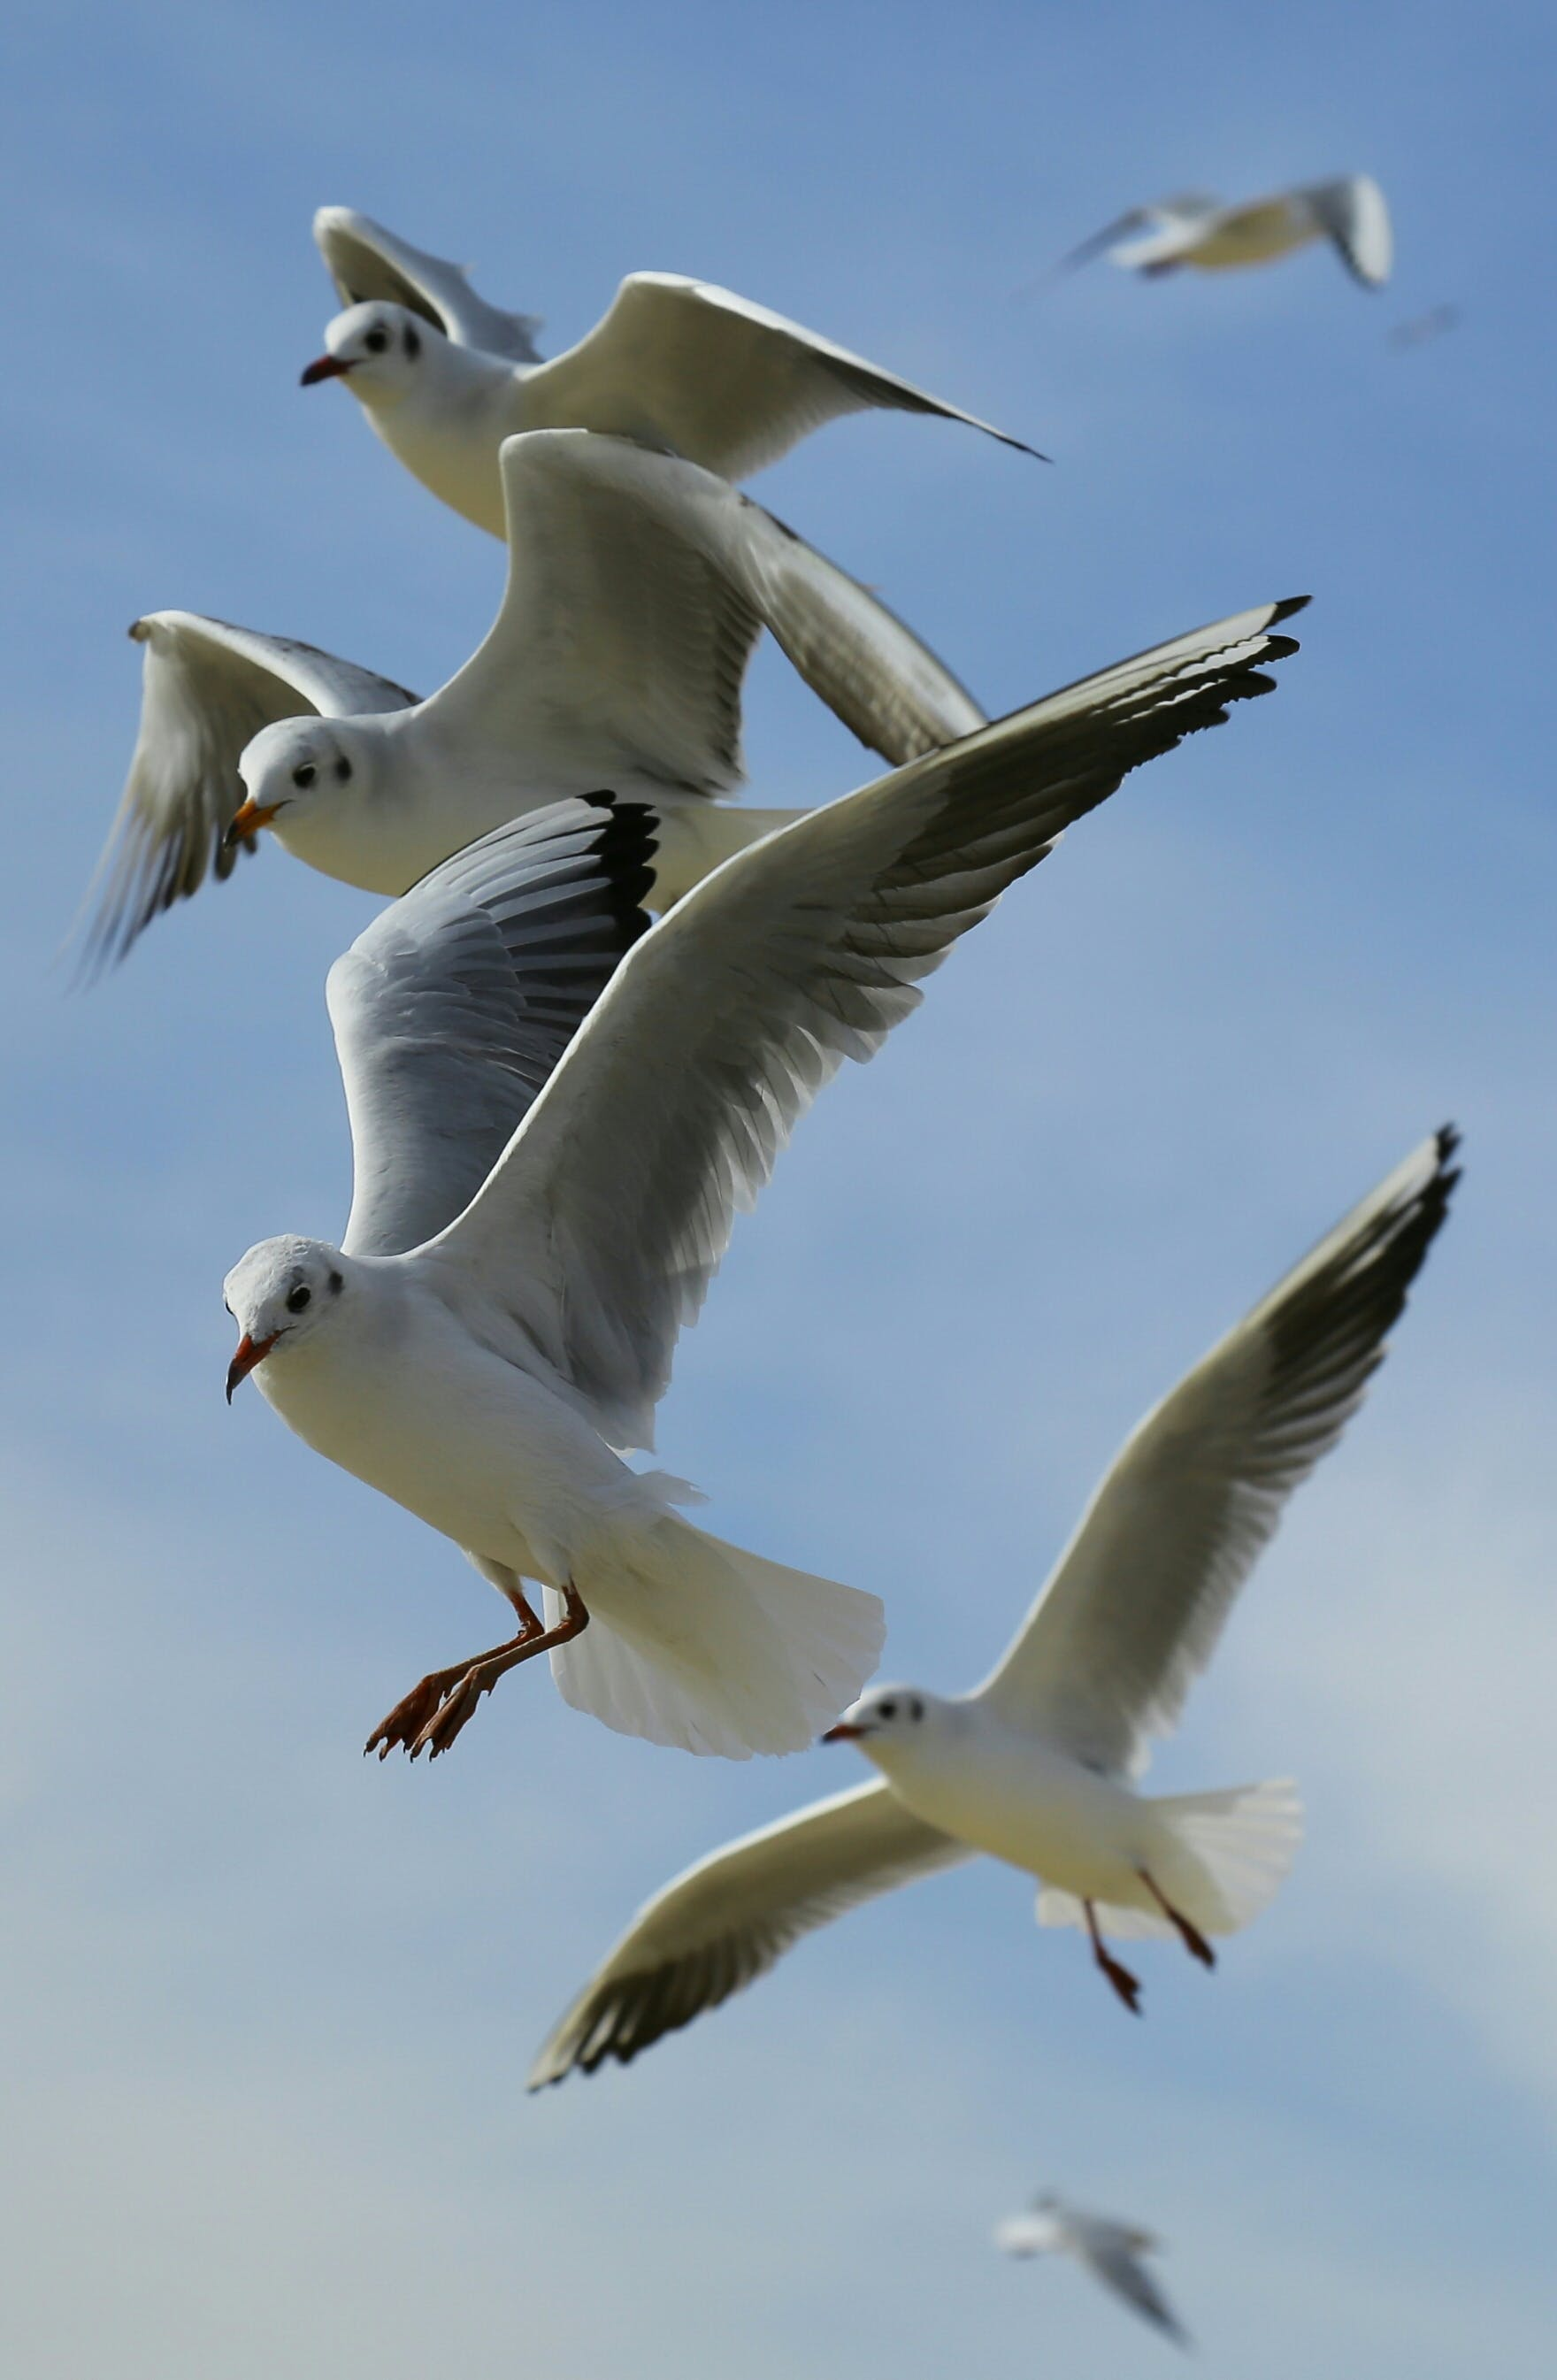 gökyüzü, hayvanlar, martılar, uçan içeren Ücretsiz stok fotoğraf